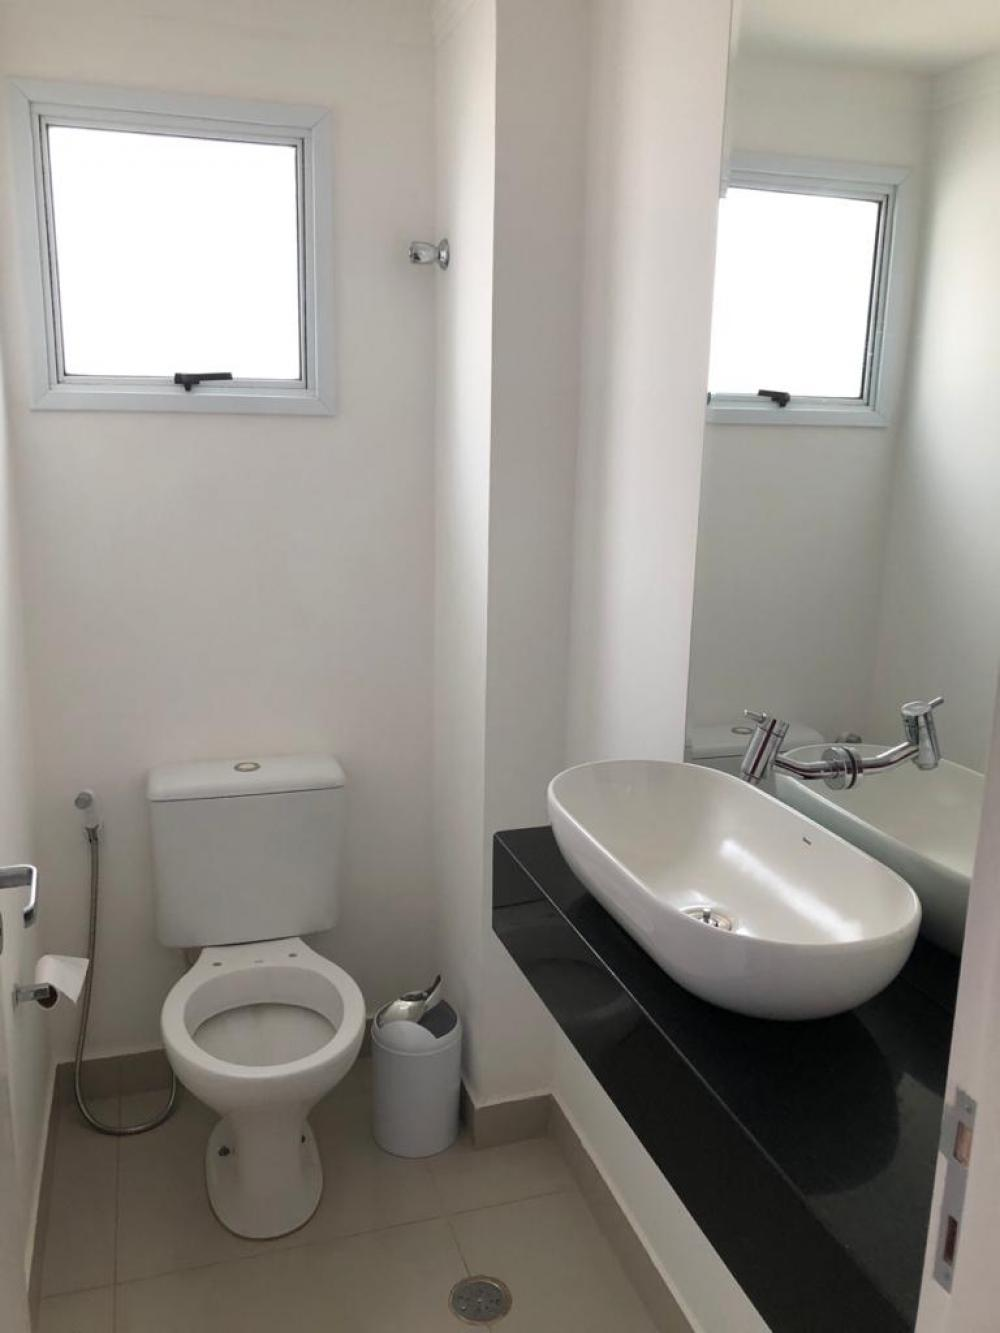 Alugar Casa / Condomínio em São José do Rio Preto R$ 2.100,00 - Foto 10